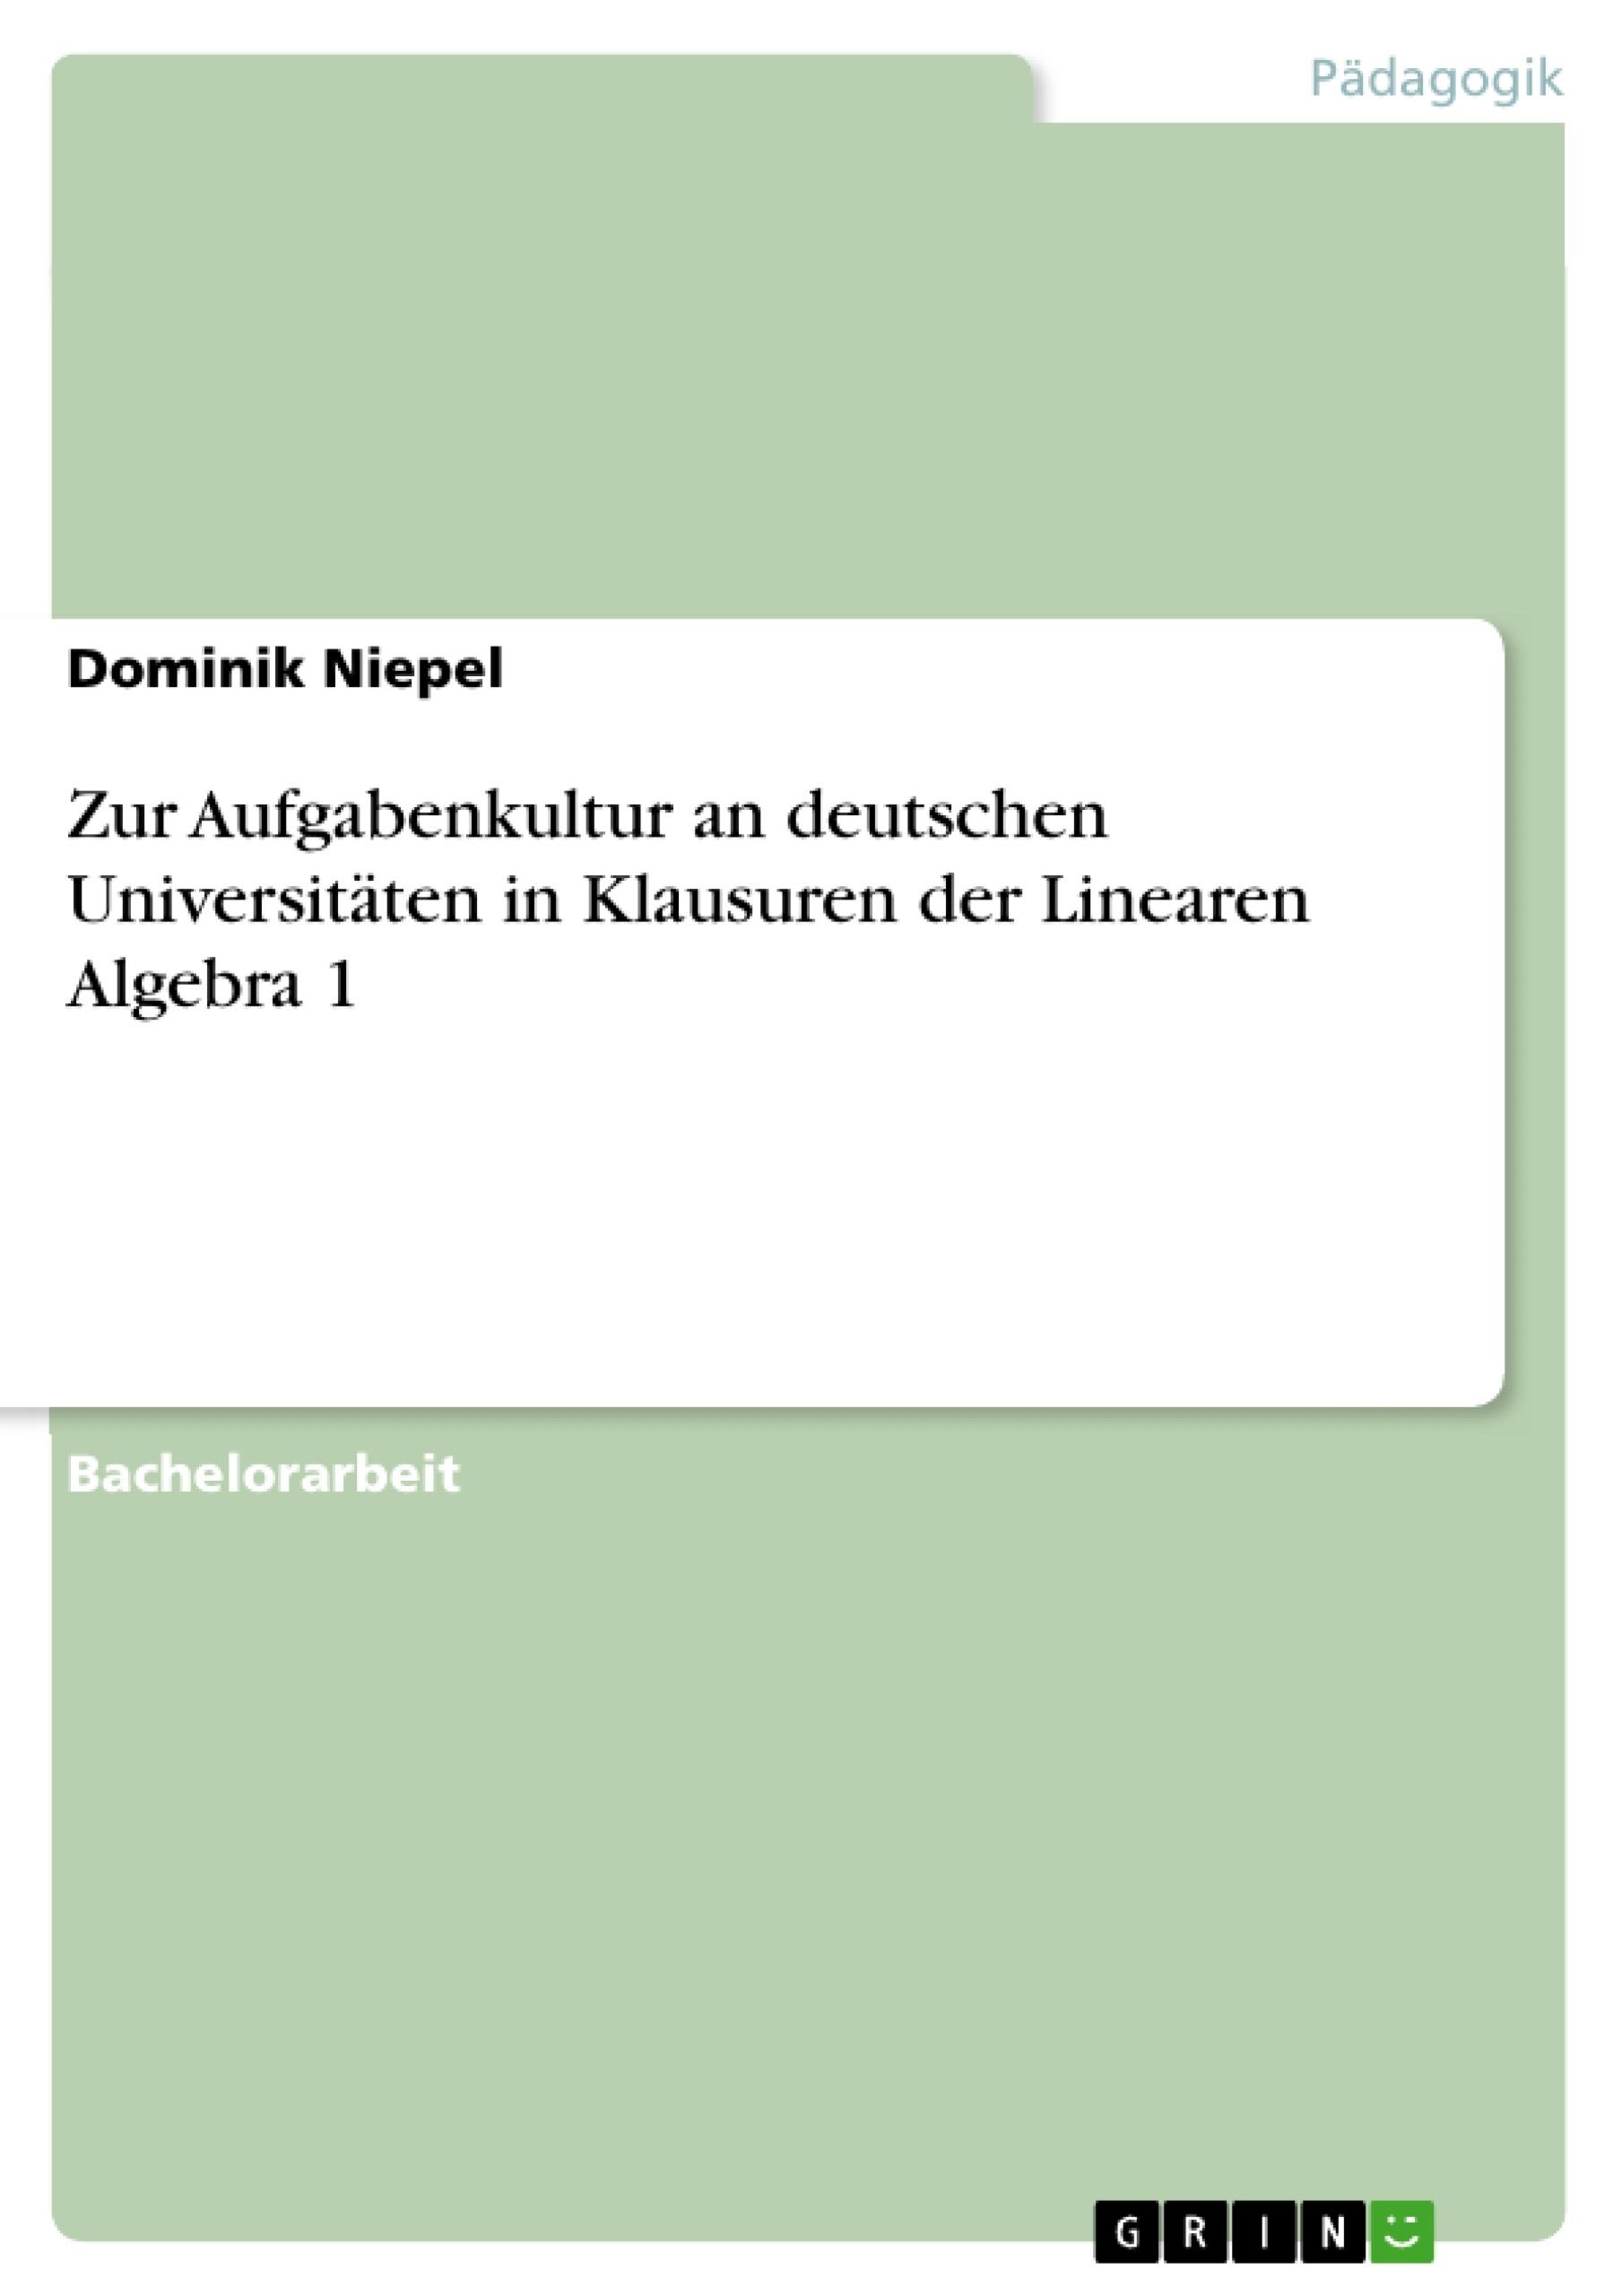 Titel: Zur Aufgabenkultur an deutschen Universitäten in Klausuren der Linearen Algebra 1